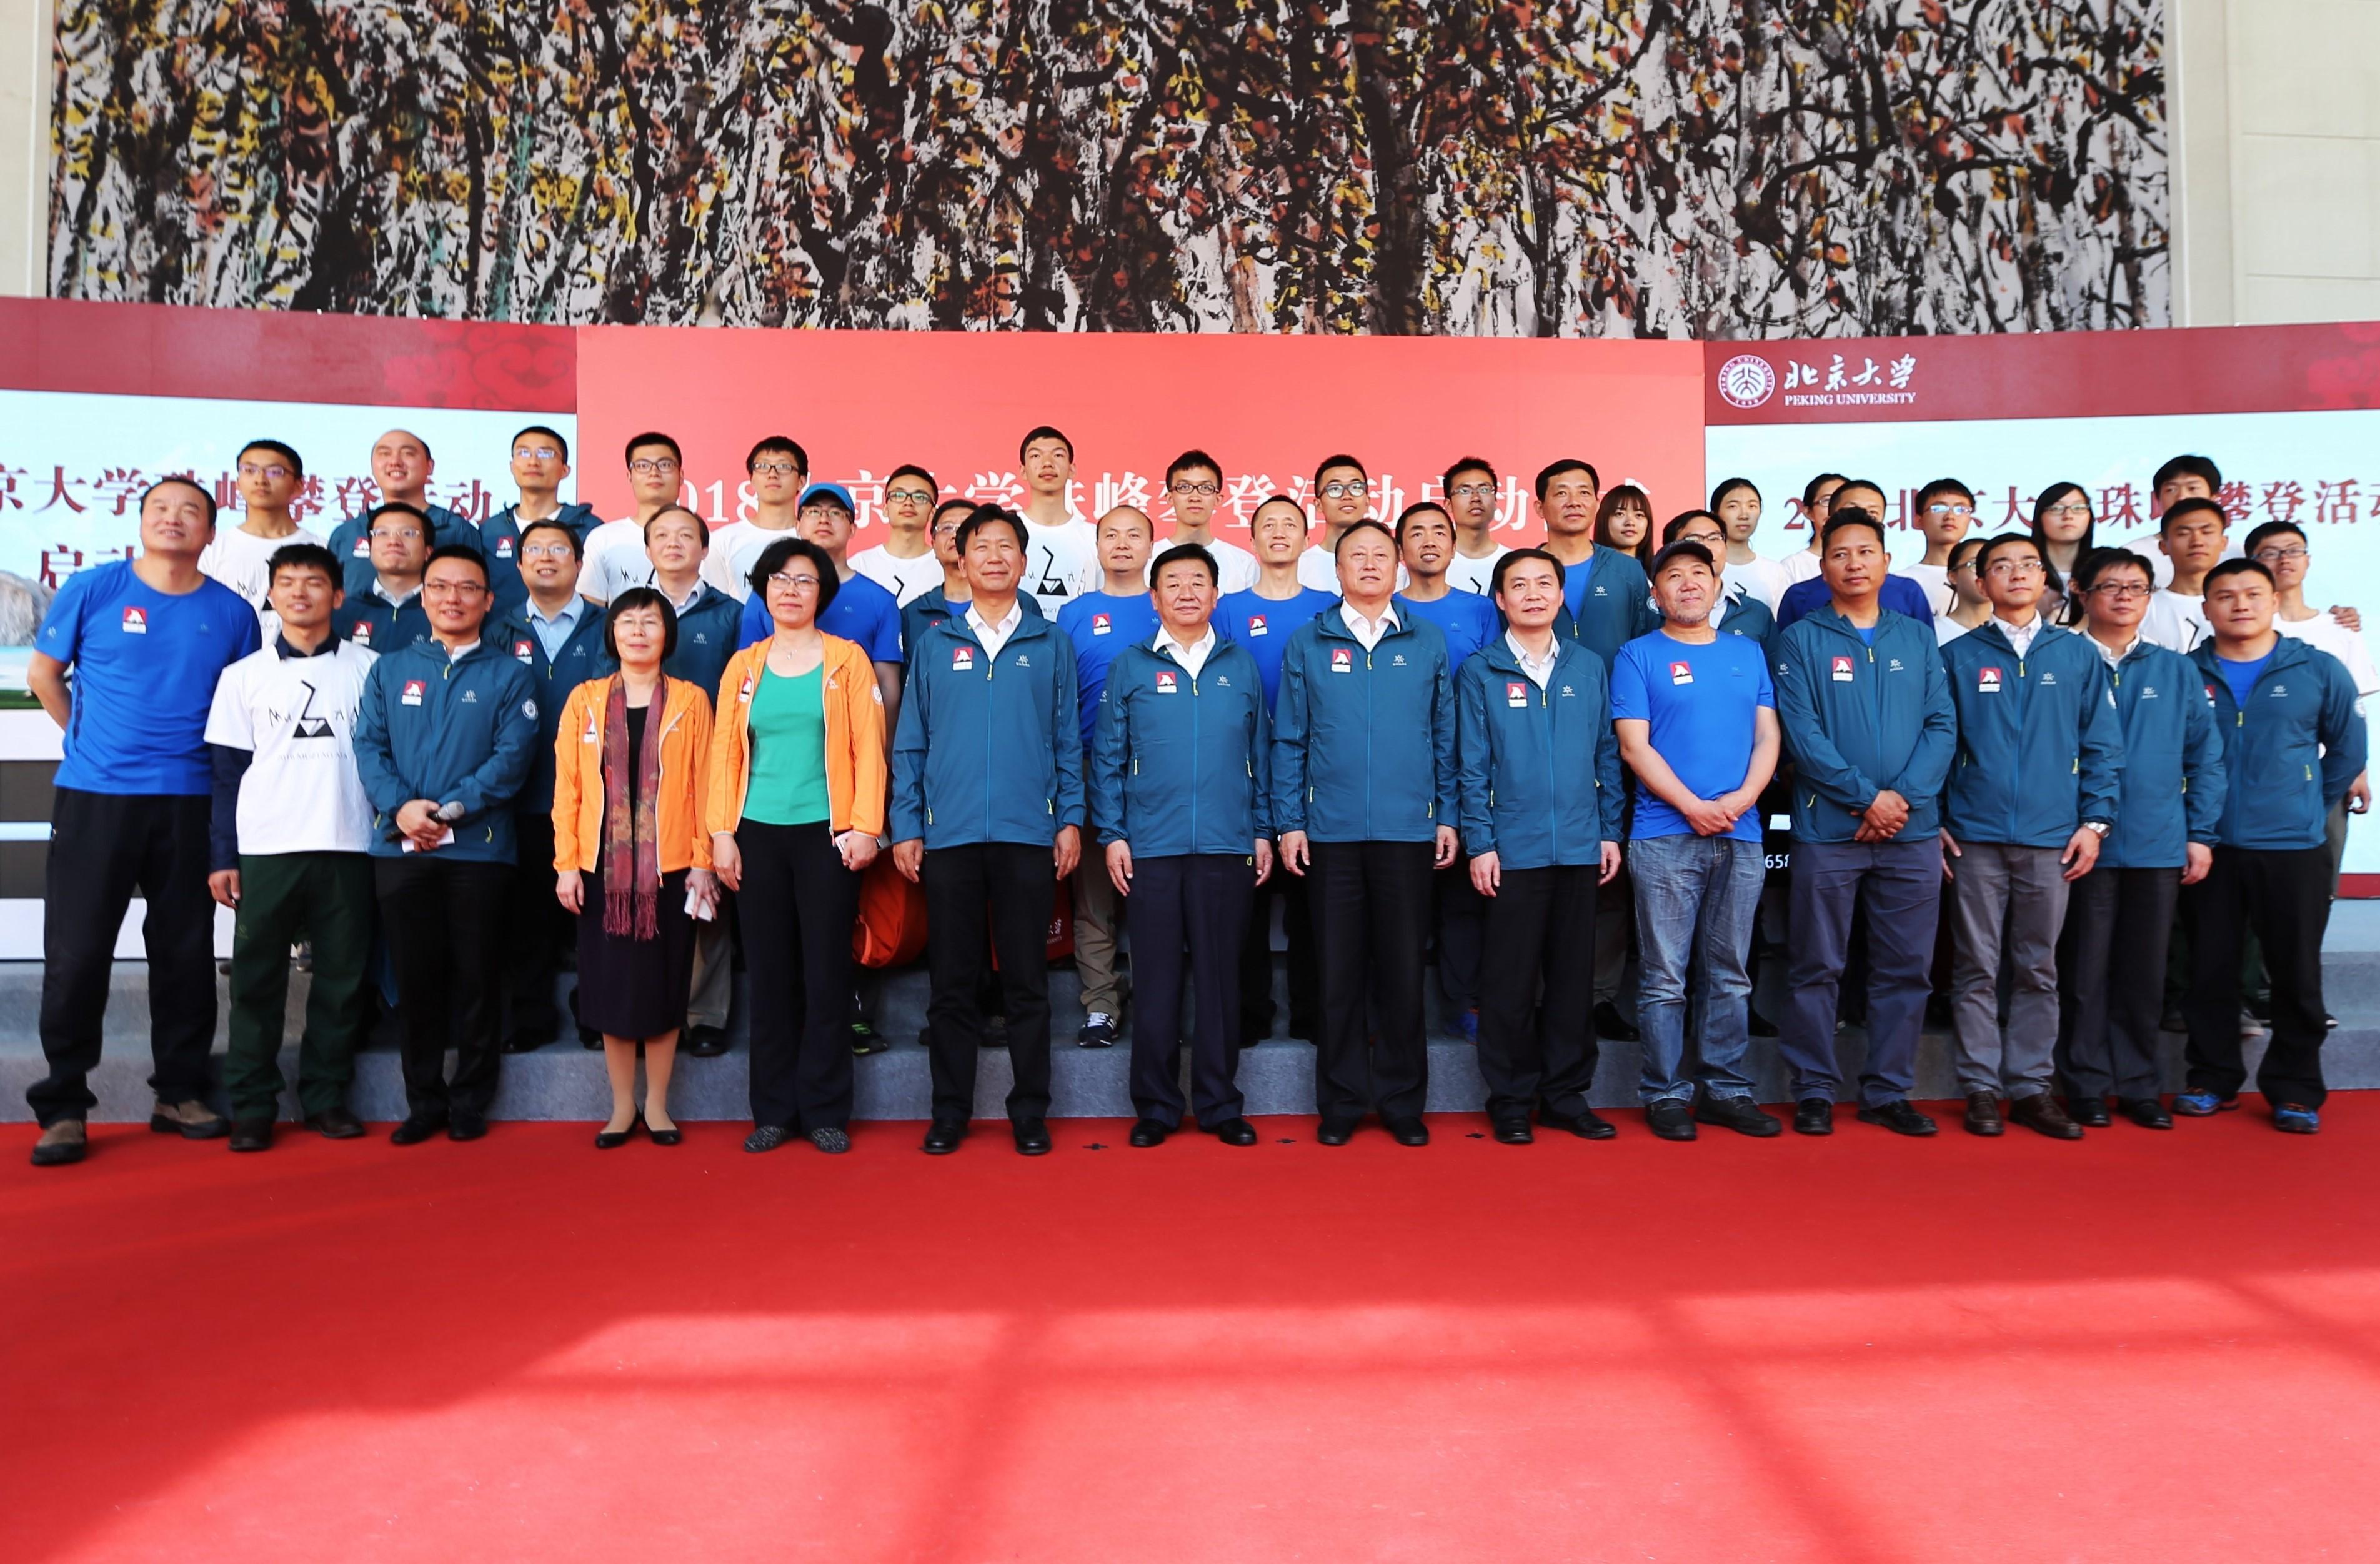 北京大學舉辦2018珠峰攀登活動啟動儀式-戶外資訊-網